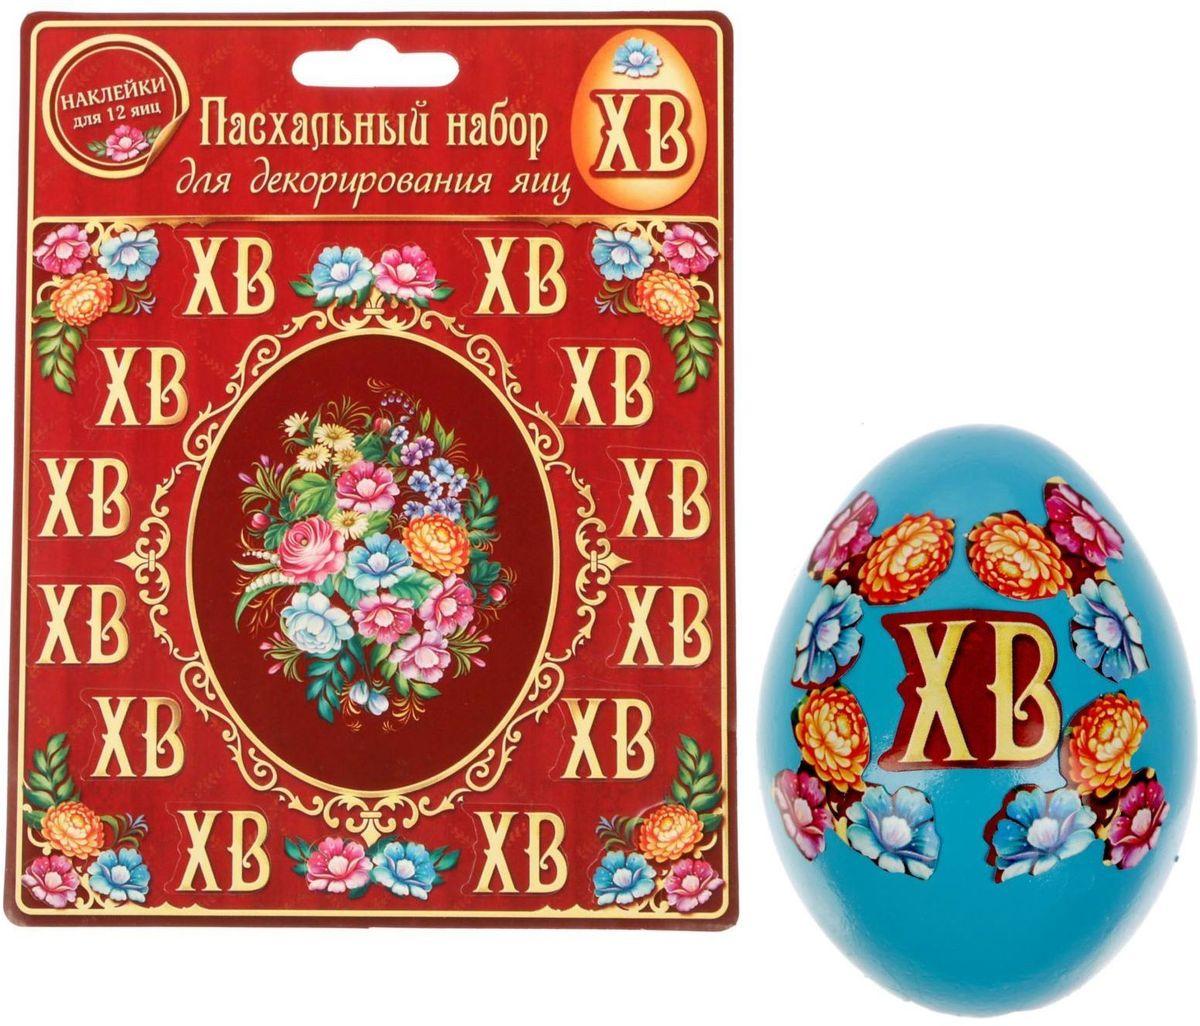 Пасхальный набор для декорирования яиц Жостово, 12,5 х 16 см. 16359161635916Пасхальный набор для декорирования яиц - прекрасный выбор для создания атмосферы праздника. У каждого из нас есть любимый праздник, которого он ждет с нетерпением! Это может быть Новый Год или День Рождения, 8 Марта или 23 Февраля, когда вы просыпаетесь с утра с улыбкой и готовы делиться хорошим настроением со всеми.